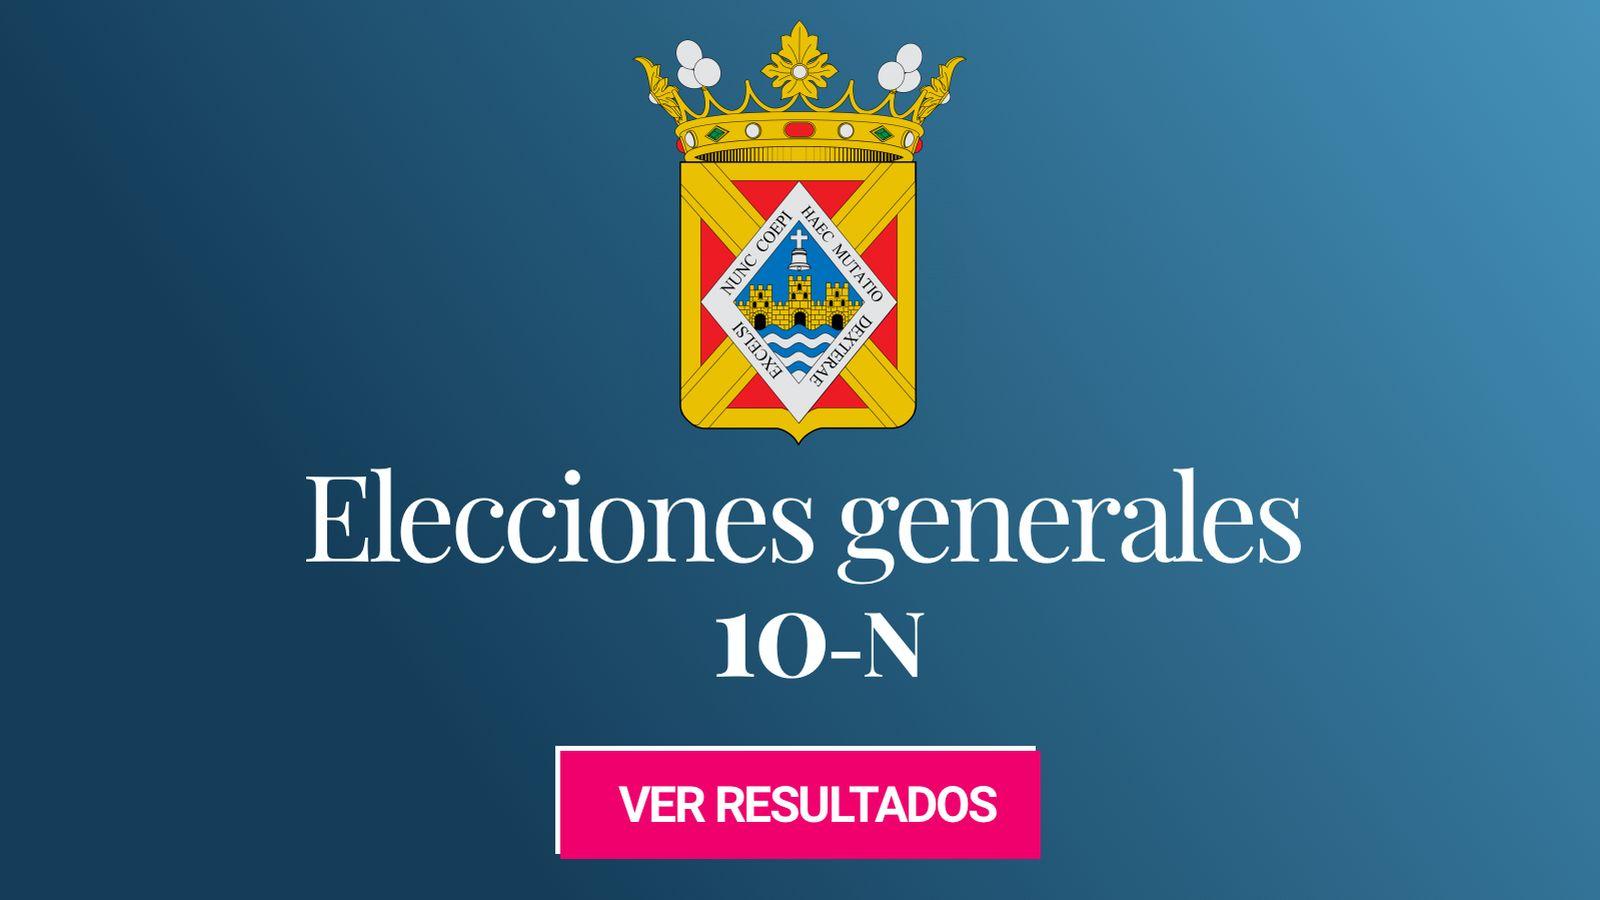 Foto: Elecciones generales 2019 en Linares. (C.C./EC)